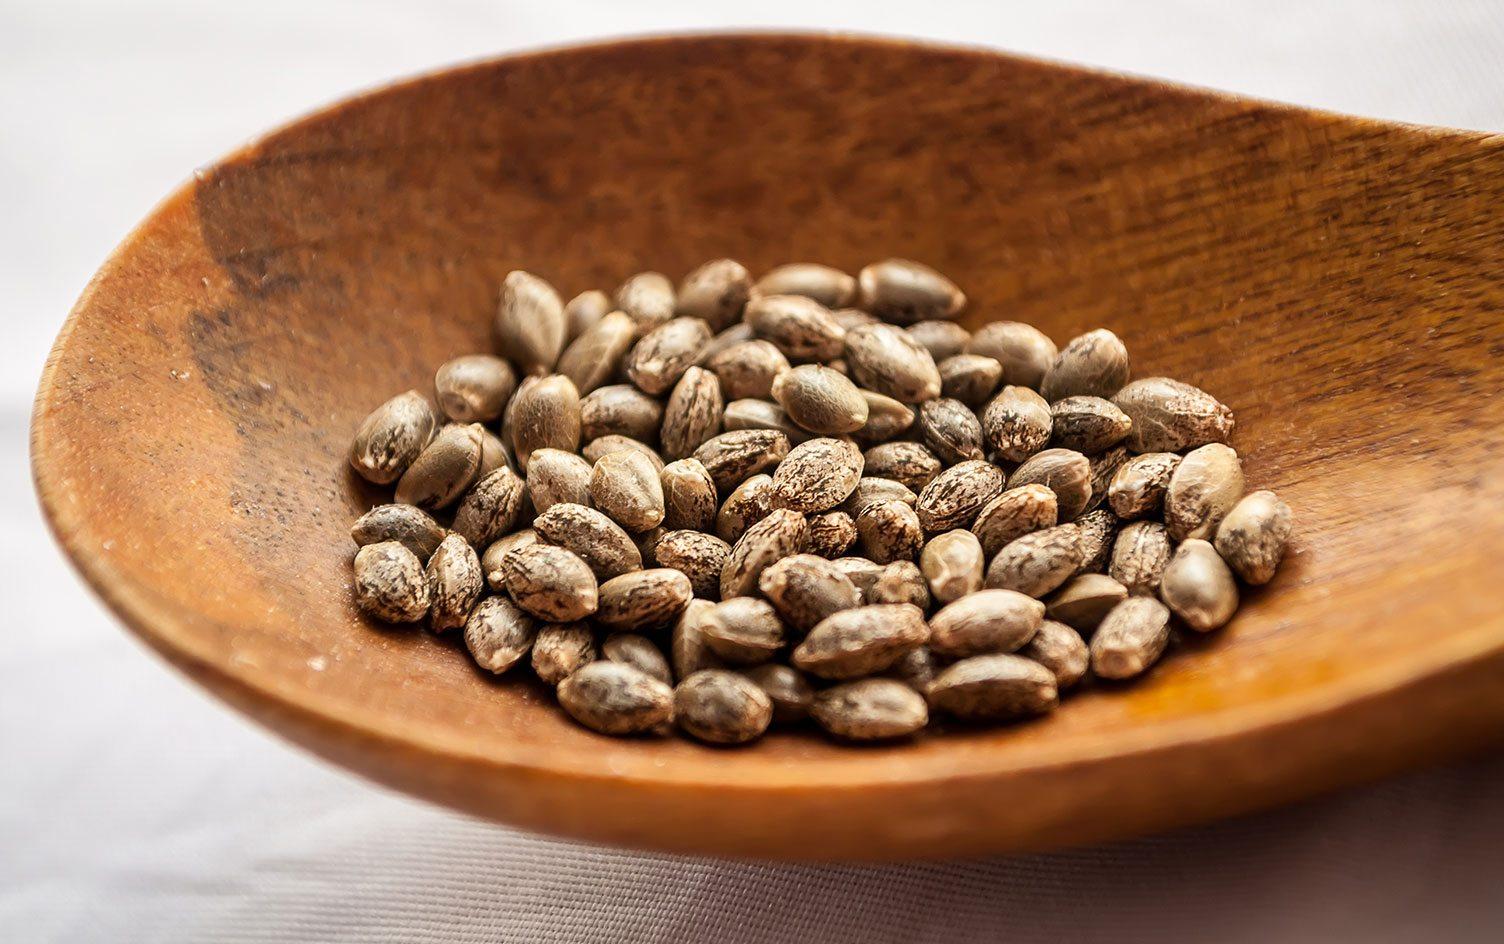 Конопляное семя лечение чтобы тест не показал коноплю